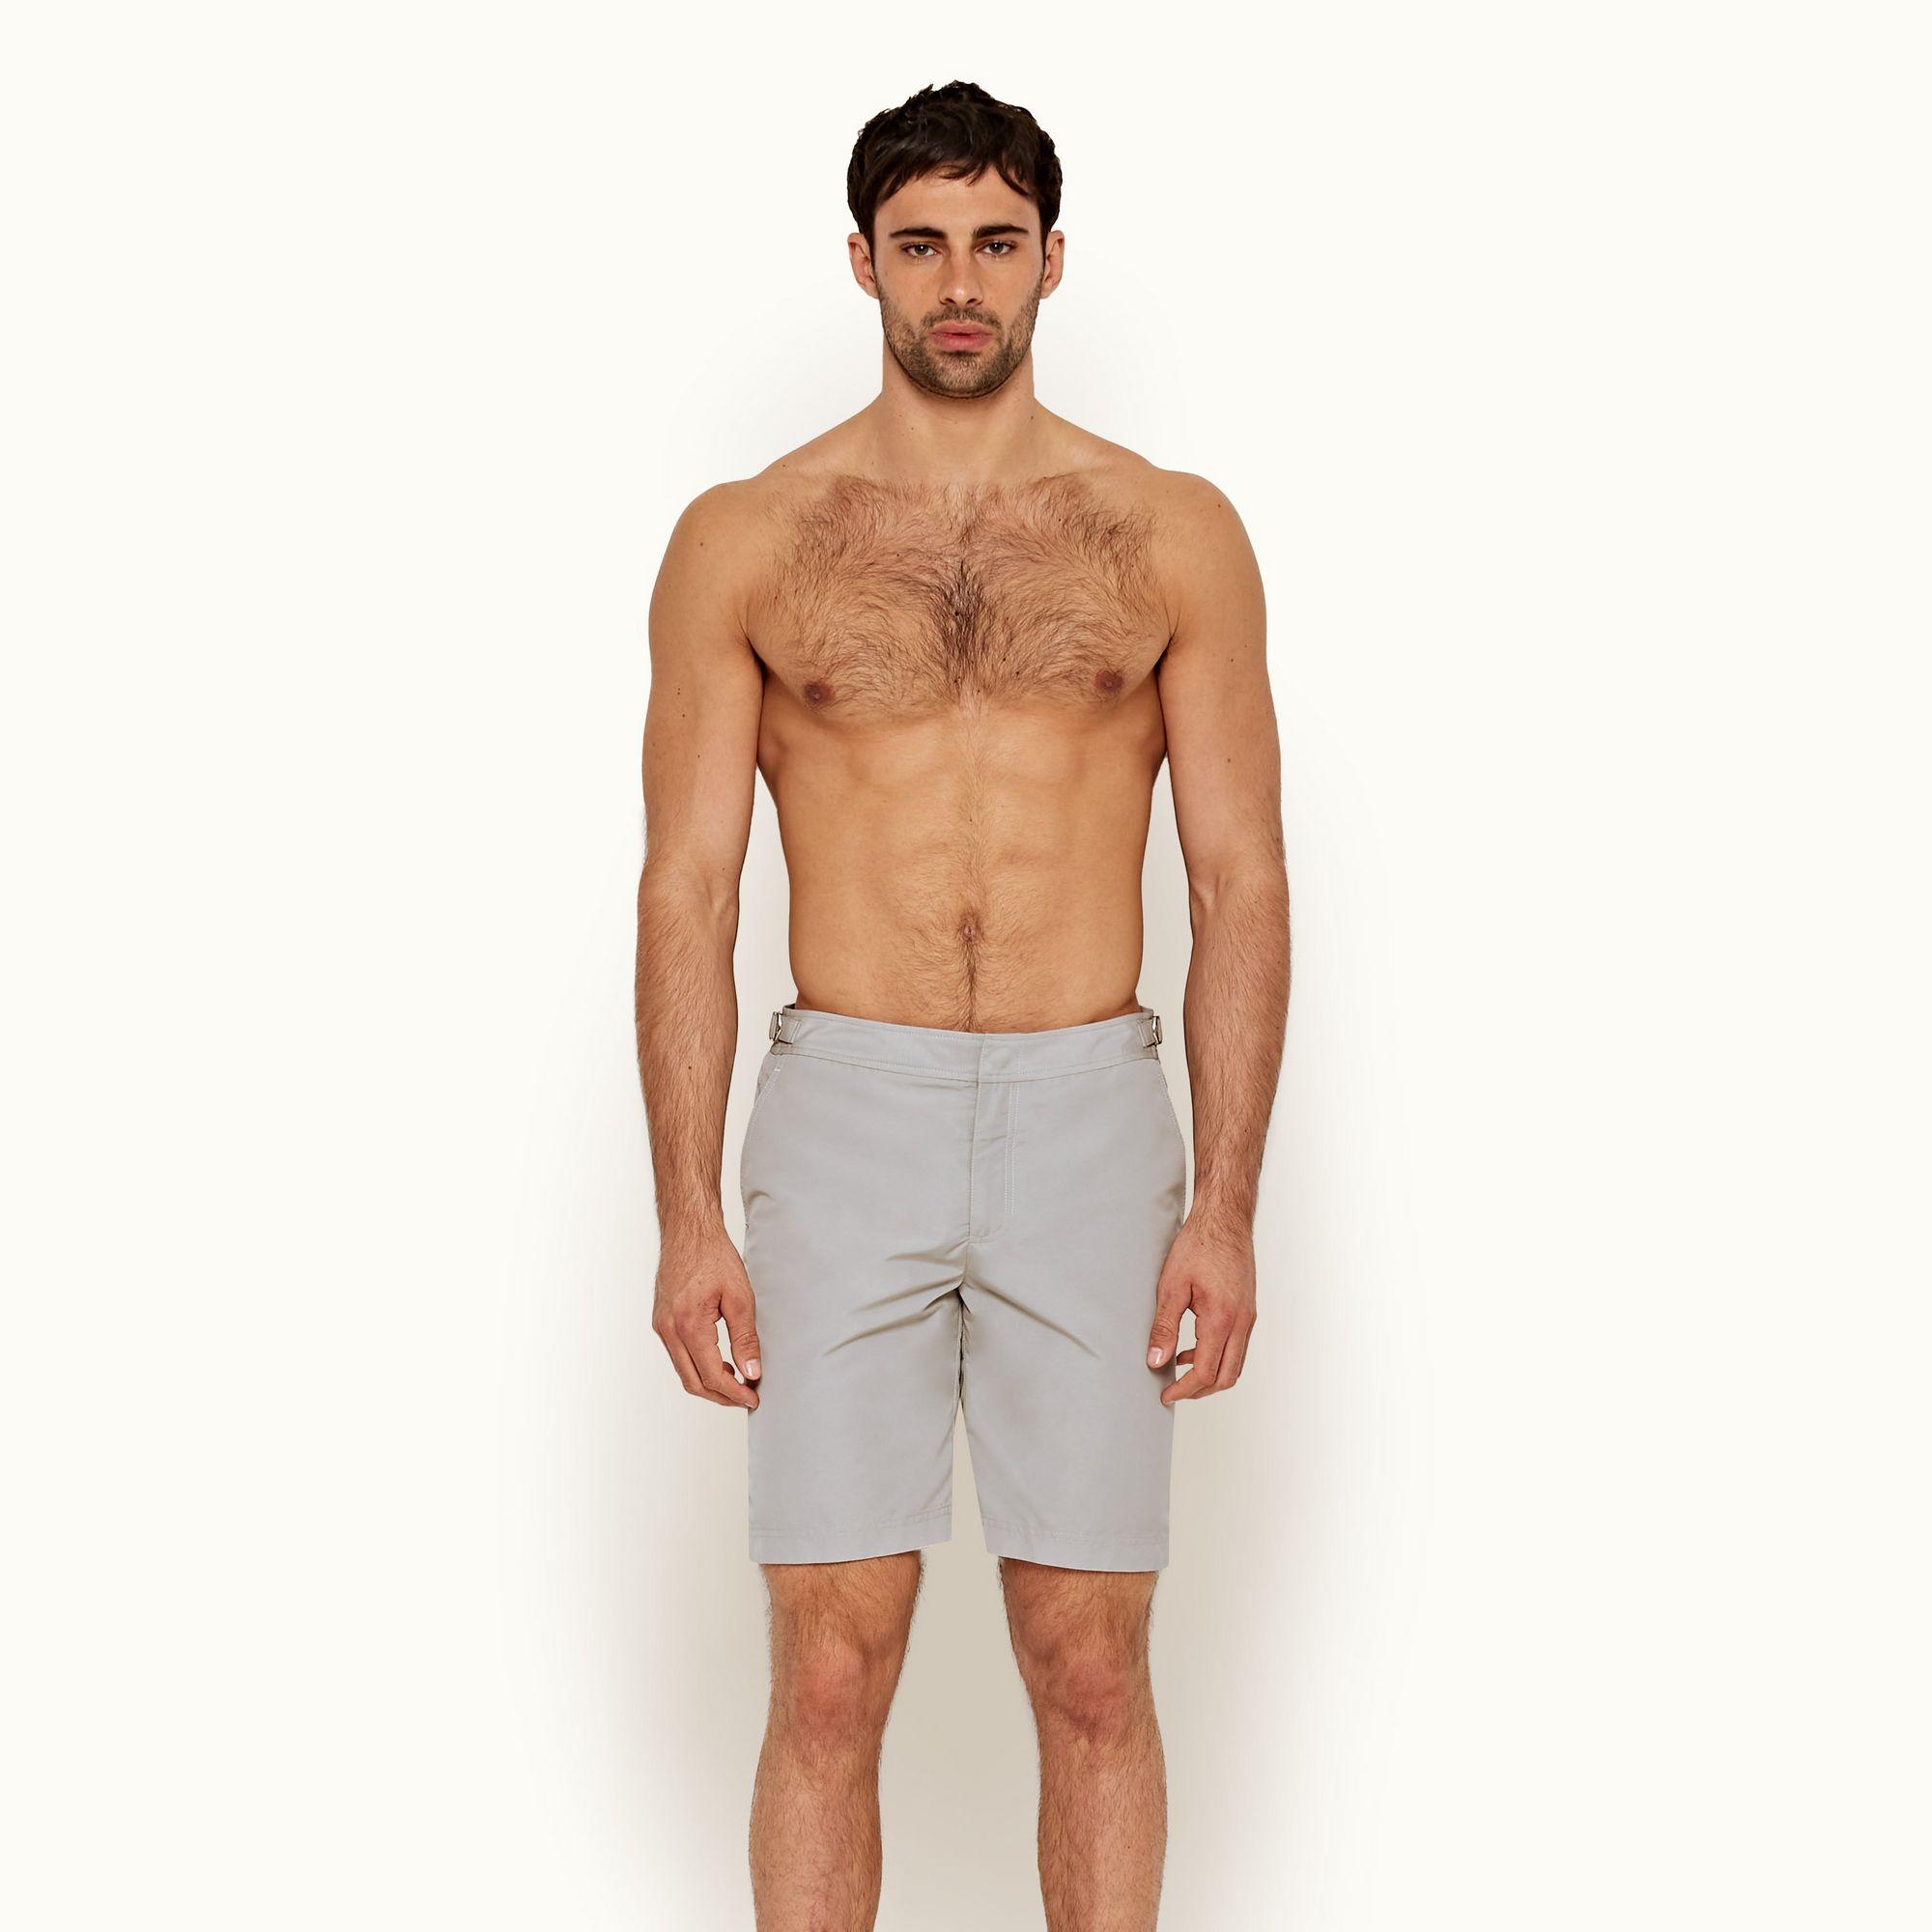 environ 96.52 cm Taille 38 in Dane II Authentique Orlebar Brown Homme Long Longueur Shorts de bain bleu marine